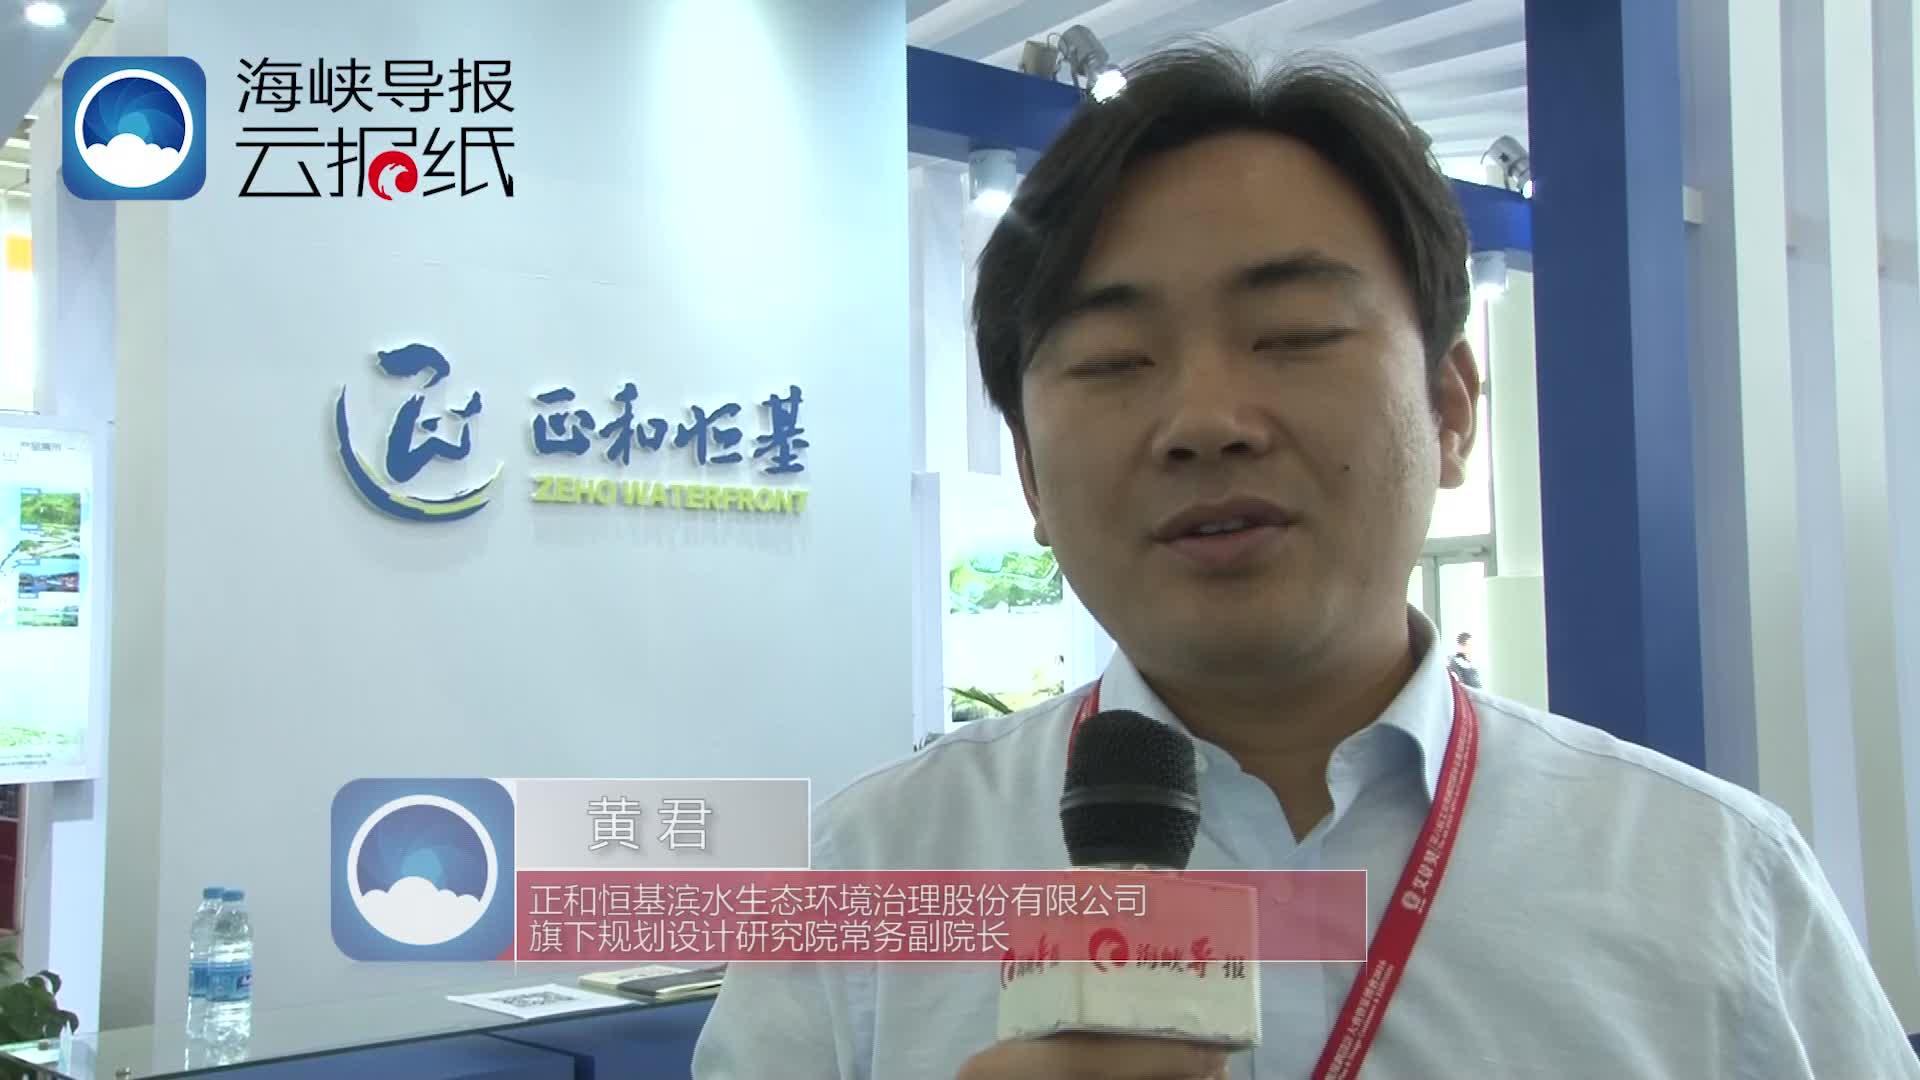 专访正和恒基:2016唐山世界园艺博览会正和恒基实力打造